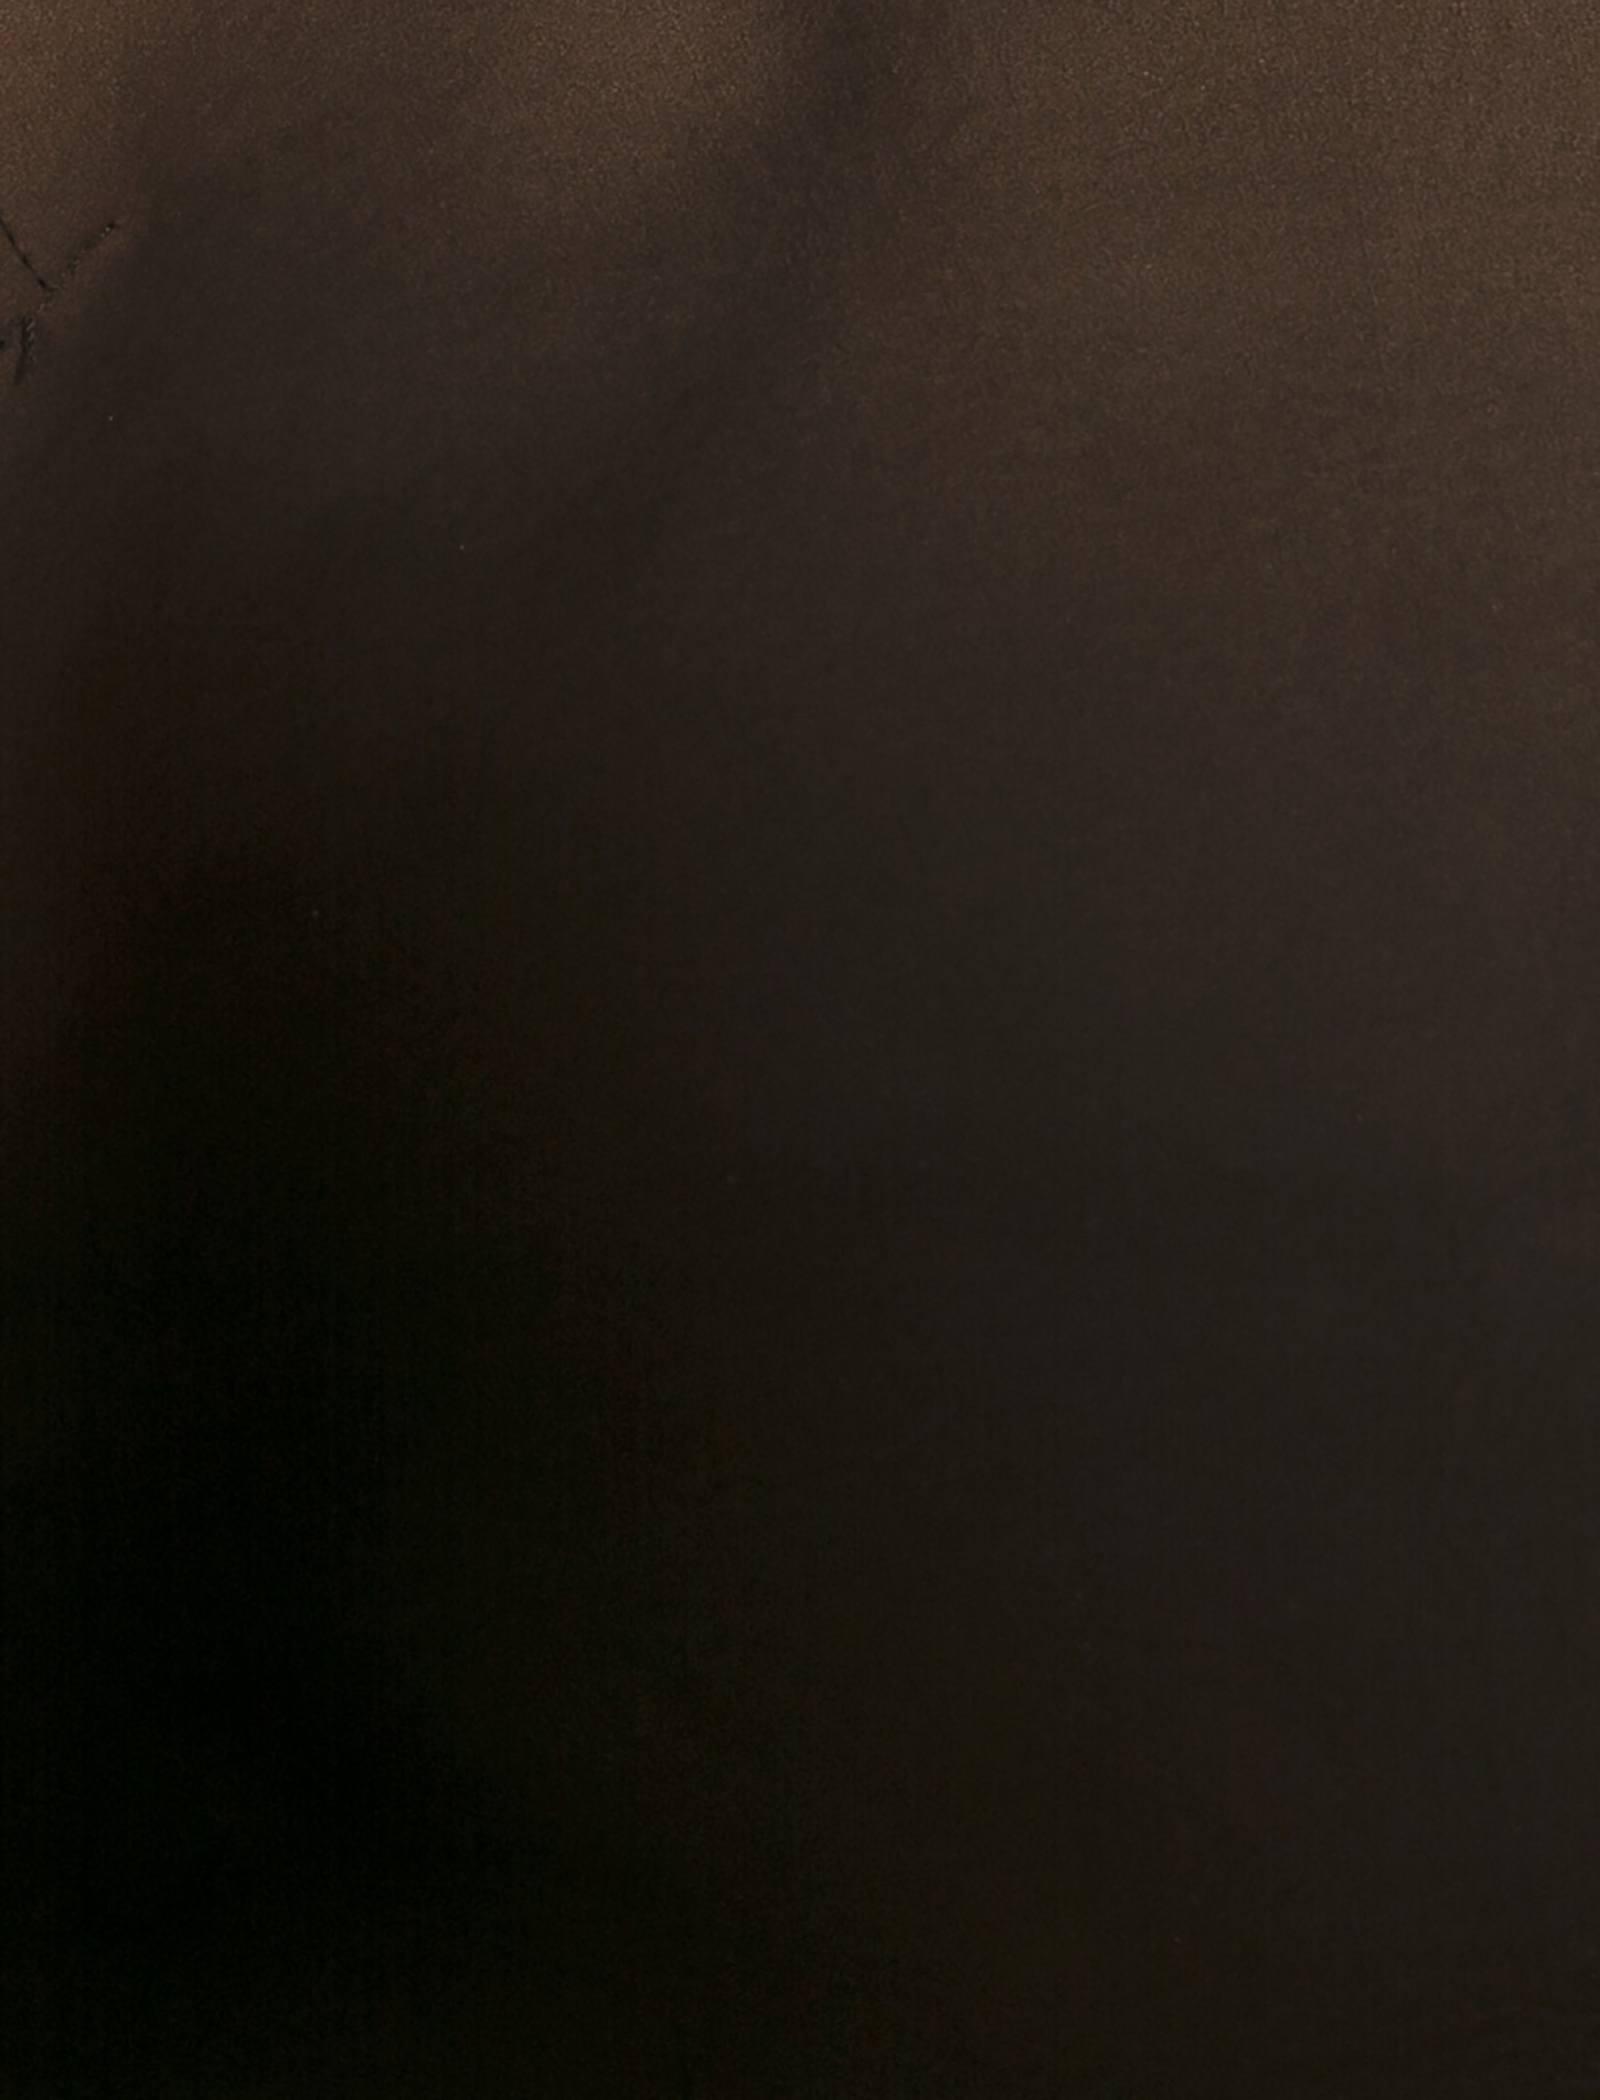 کیف دوشی زنانه - شانتال تک سایز -  - 9